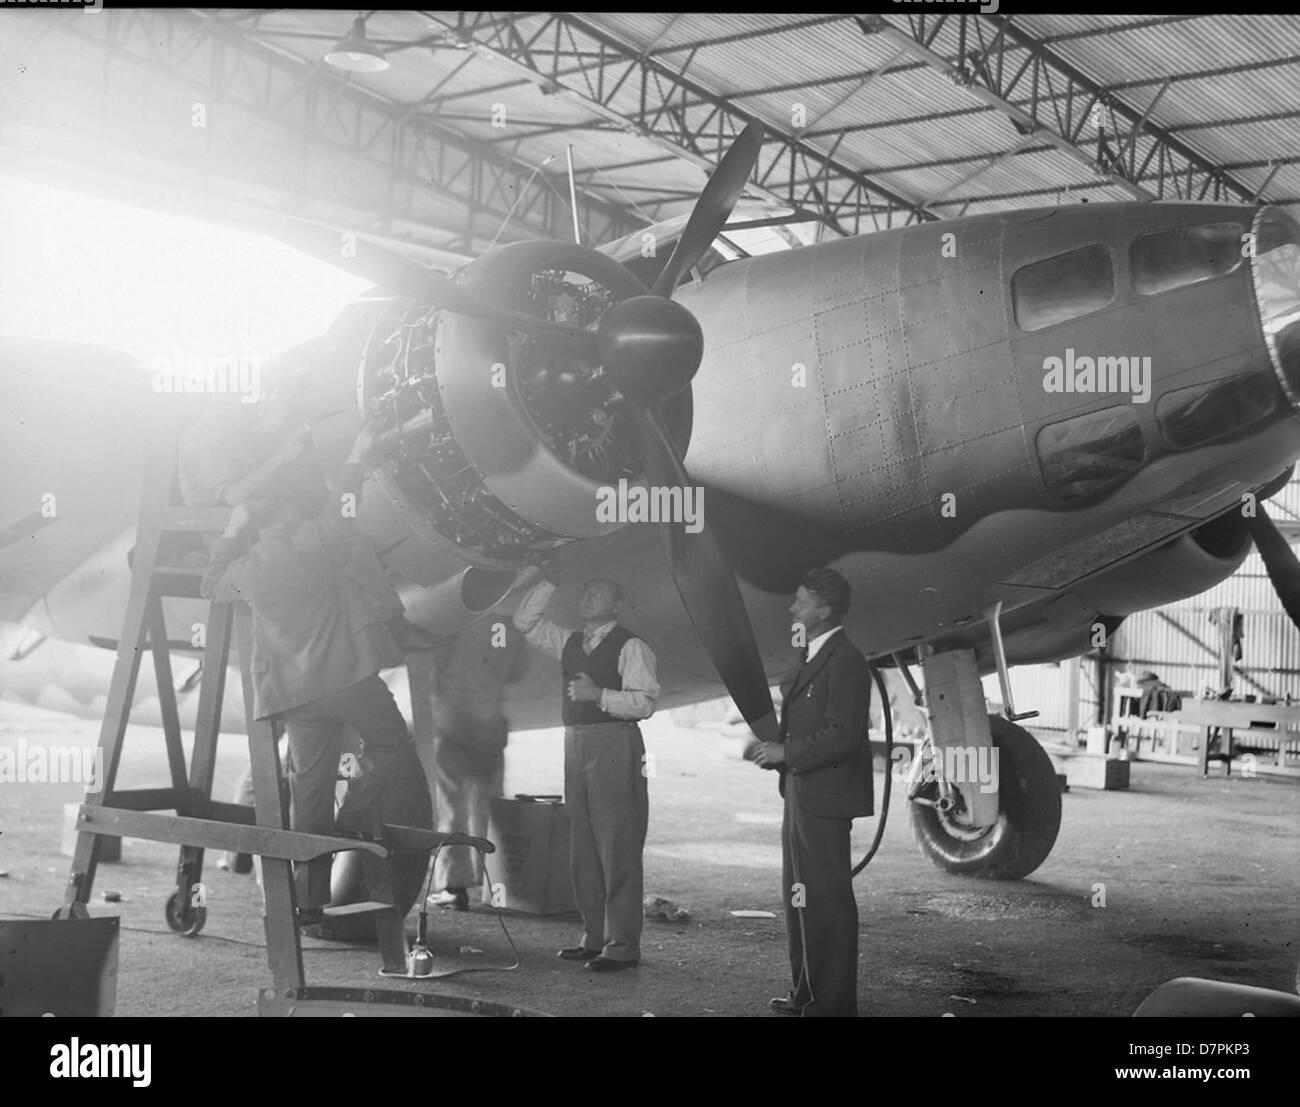 Lockheed Hudson Bomber - Stock Image